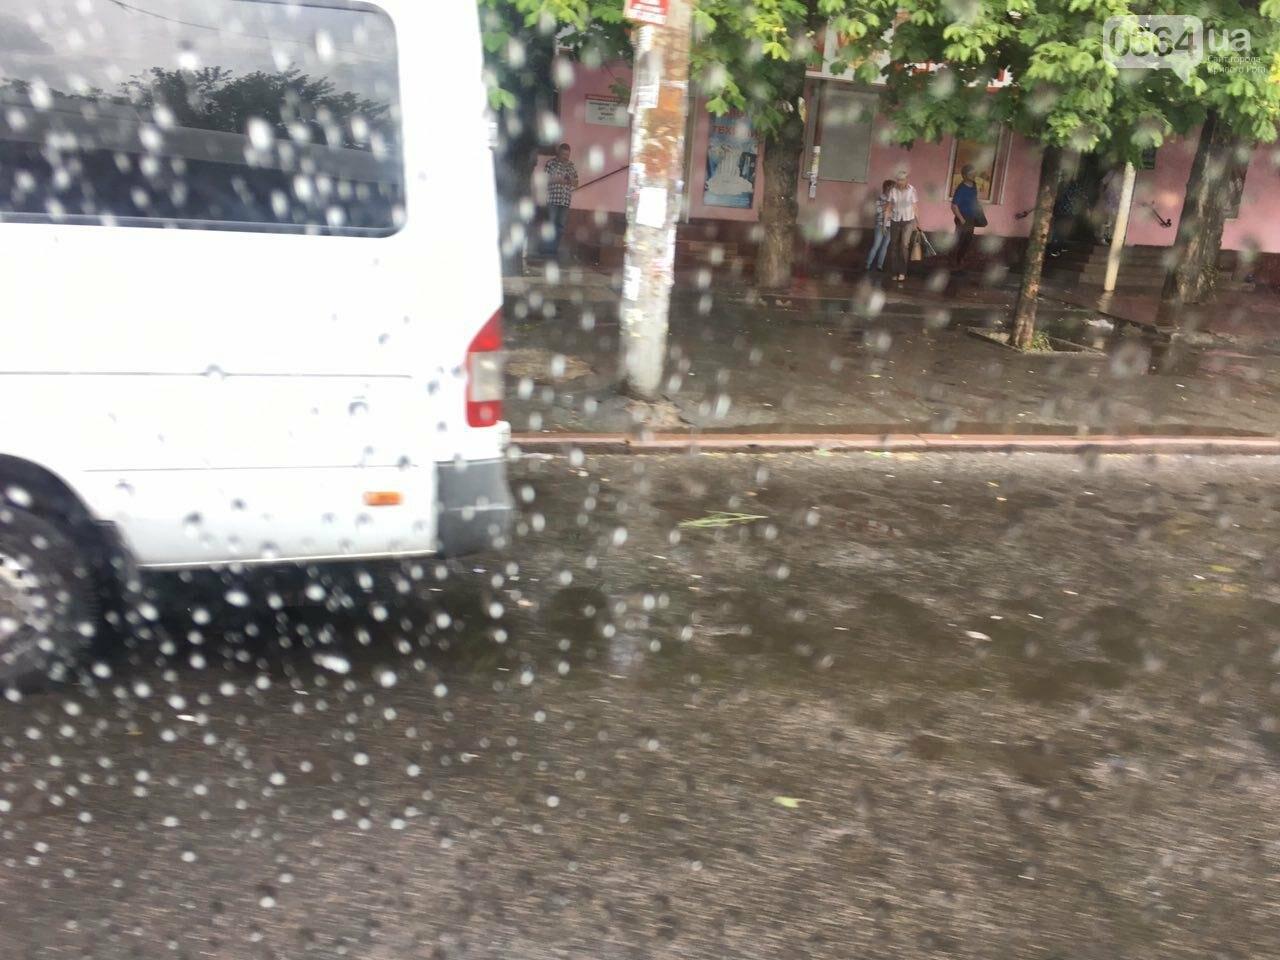 Маршрут дождя: В Кривом Роге в одних районах льет ливень, в других ярко светит солнце, - ФОТО, фото-7